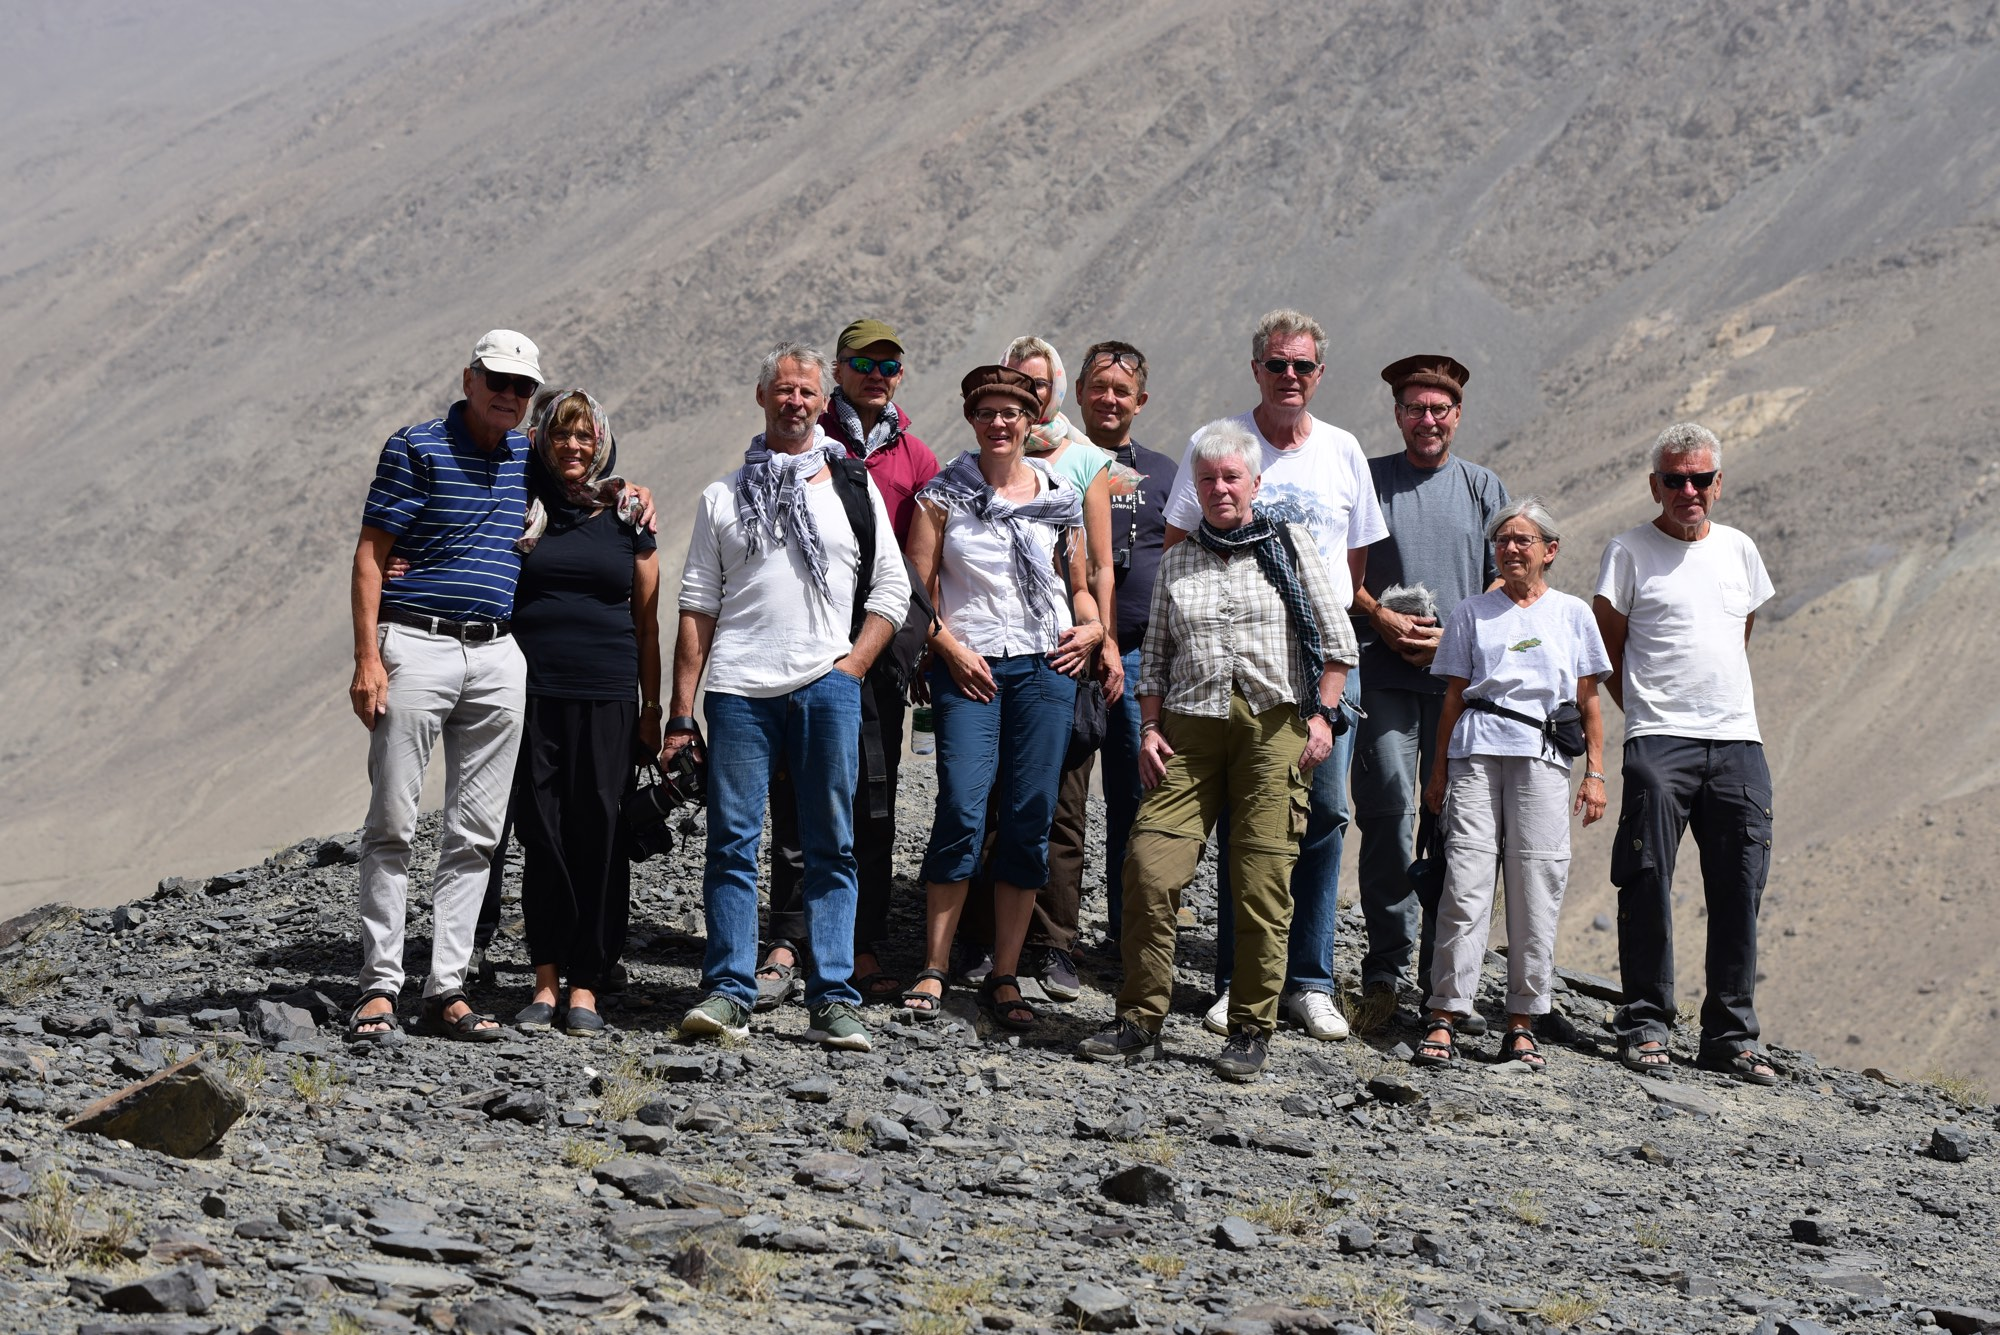 Rejsende fra Panorama Travel på besøg i Afghanistan under rejsebureauets rundrejse sidste år, der besøgte landet, der har det røde kort hos Udenrigsministeriet. Foto: Søren Bonde, Panorama Travel.